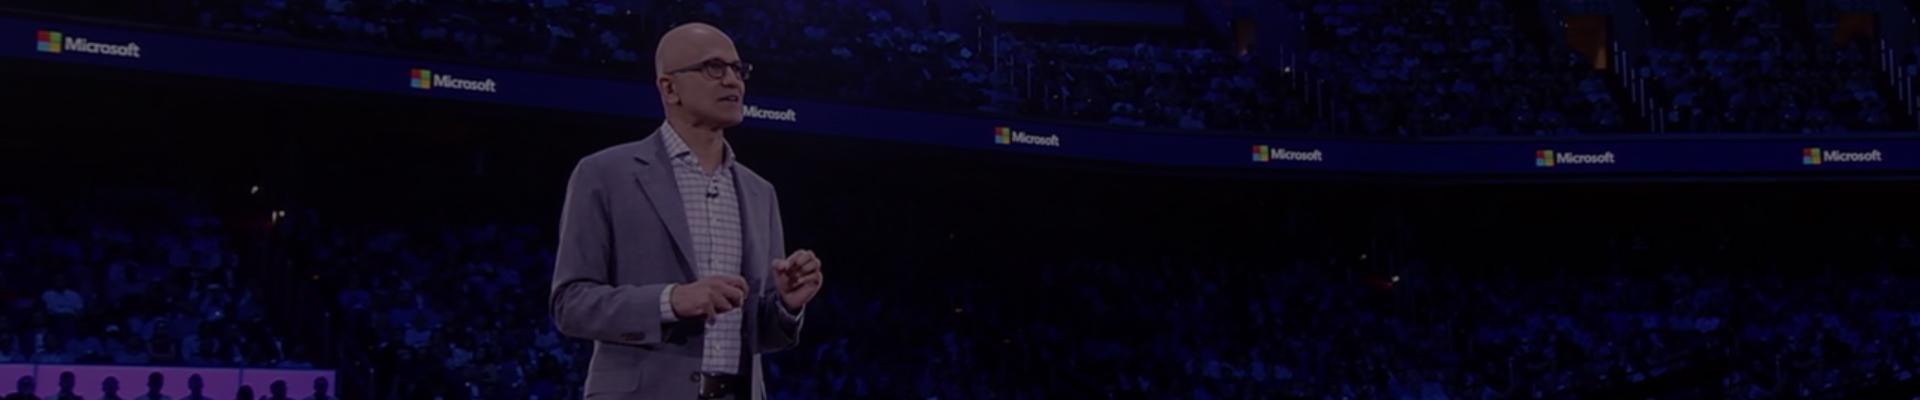 Satya'nın Microsoft 365 duyurusunu izleyin